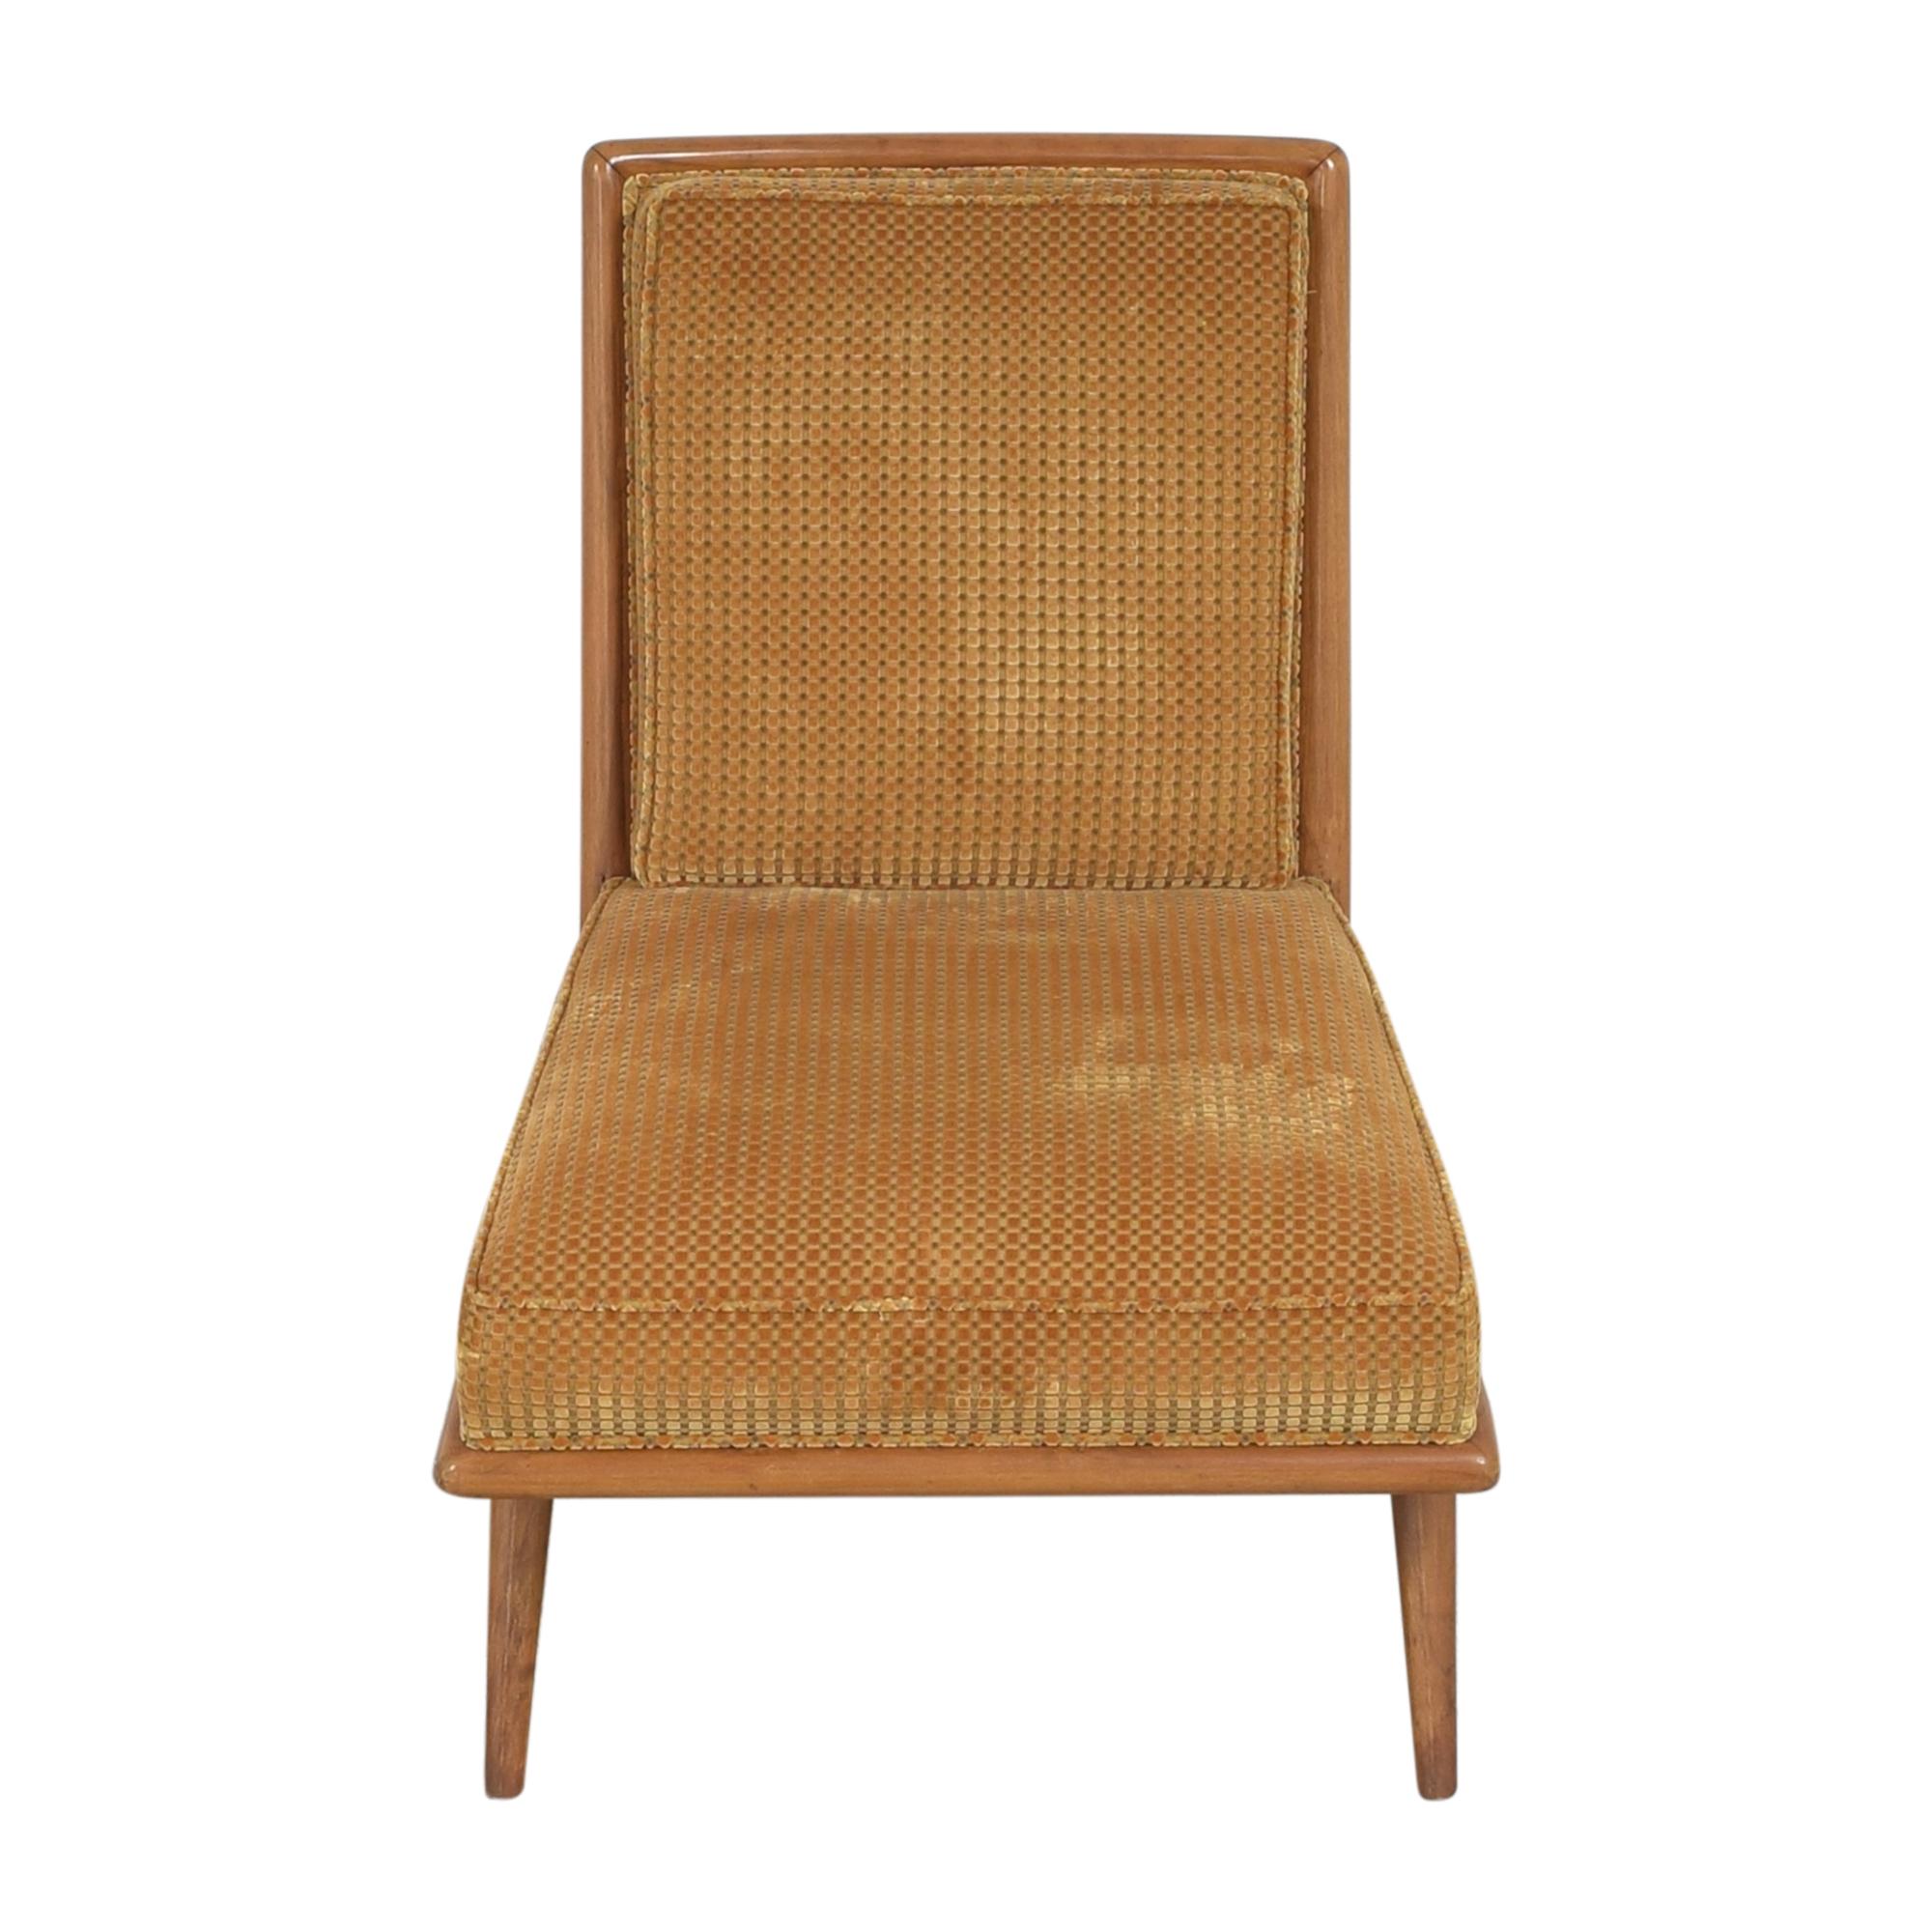 T.H. Robsjohn Gibbings for Widdicomb Slipper Chair Widdicomb